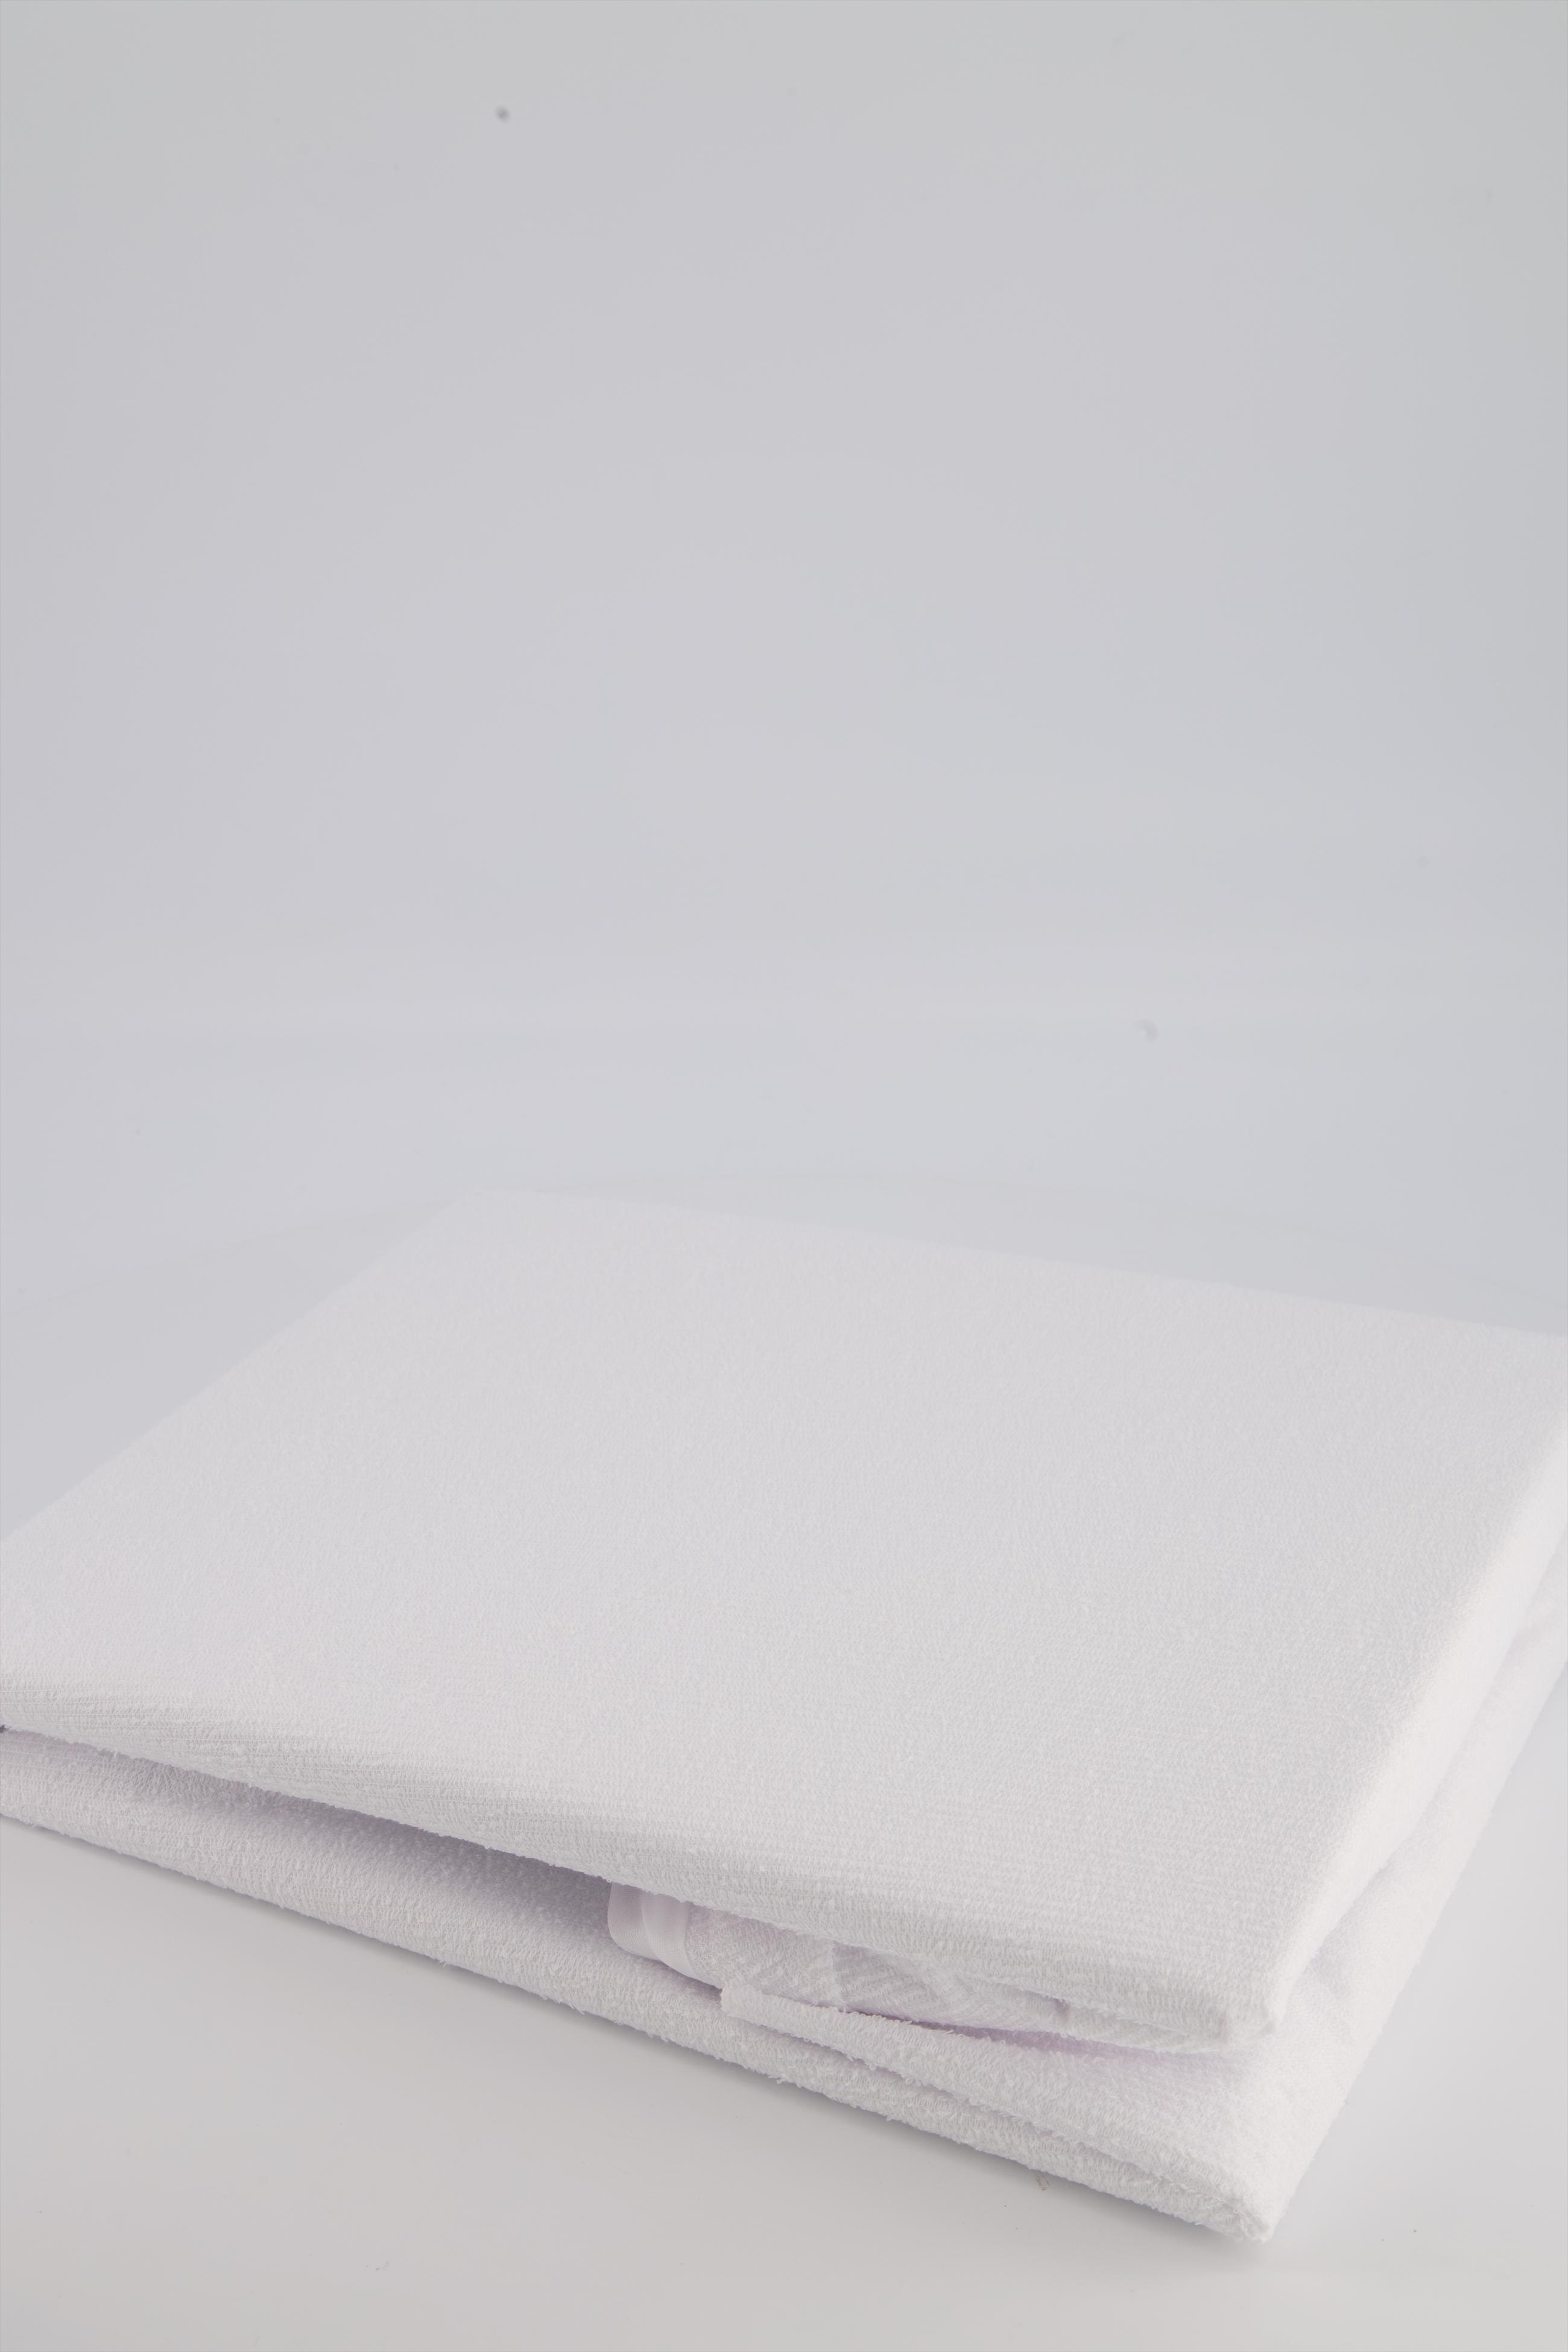 מגן מזרן- דוחה נוזלים זוגי 200*160